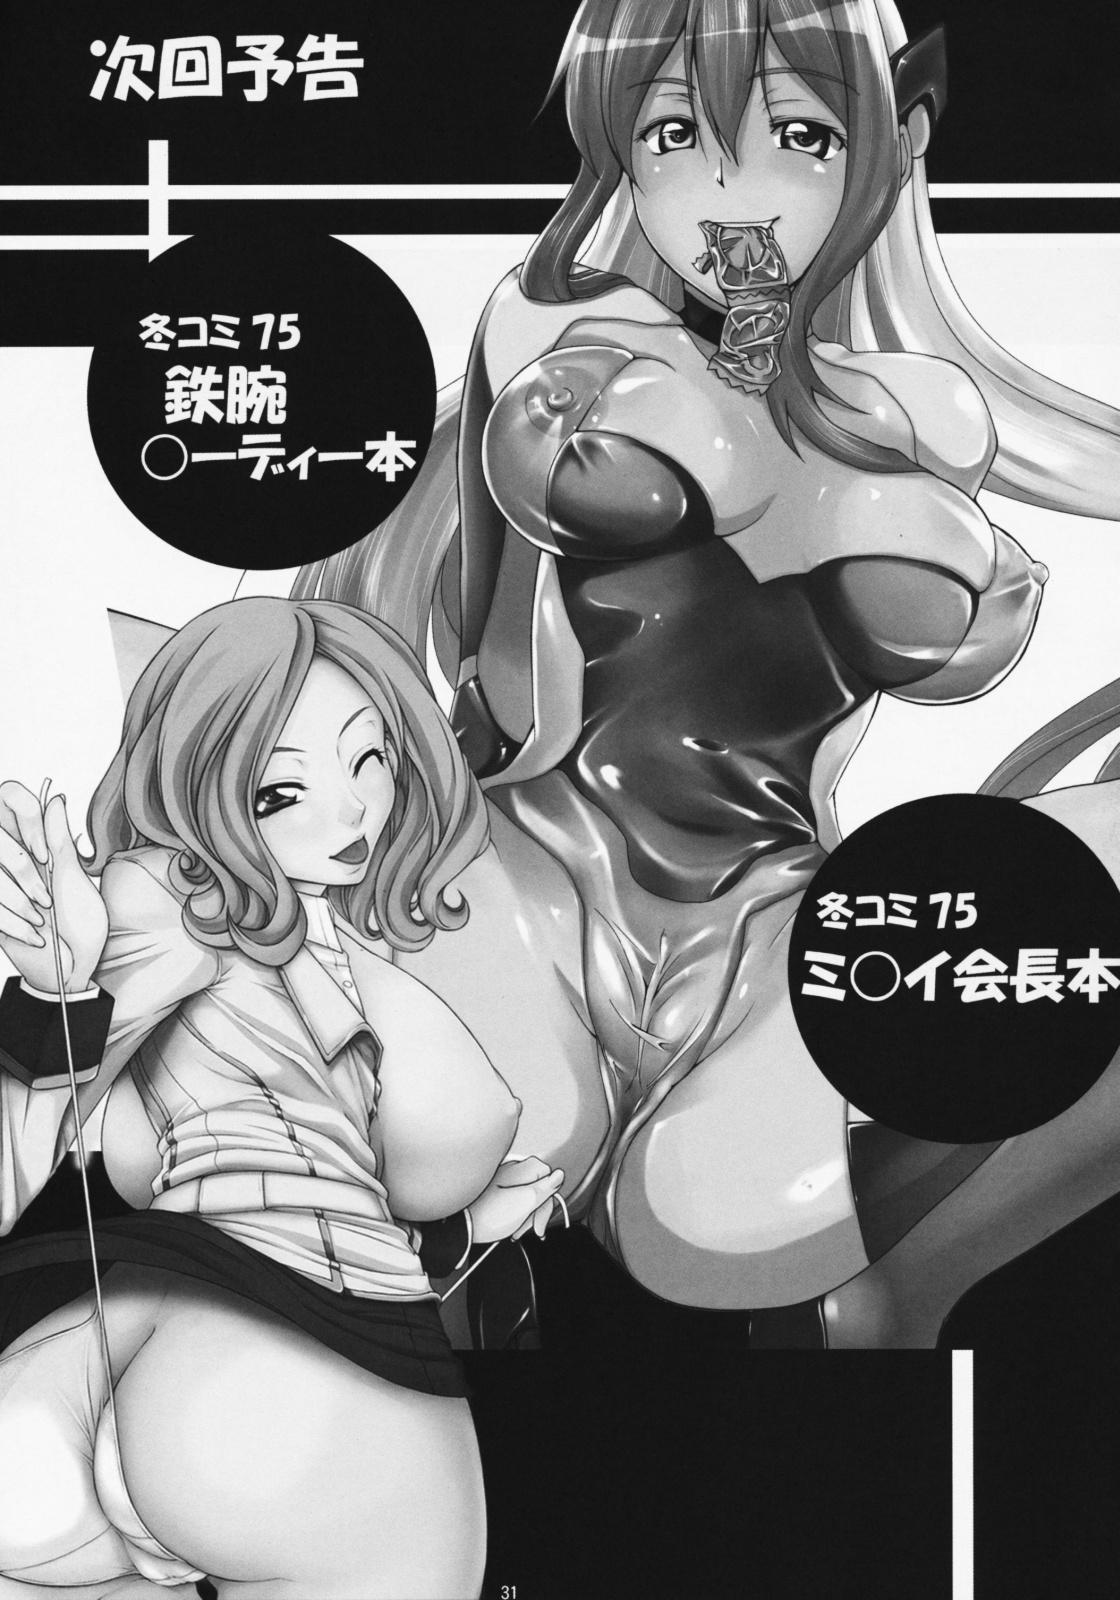 Angel's stroke 22 Datenshi Gekitsui 31